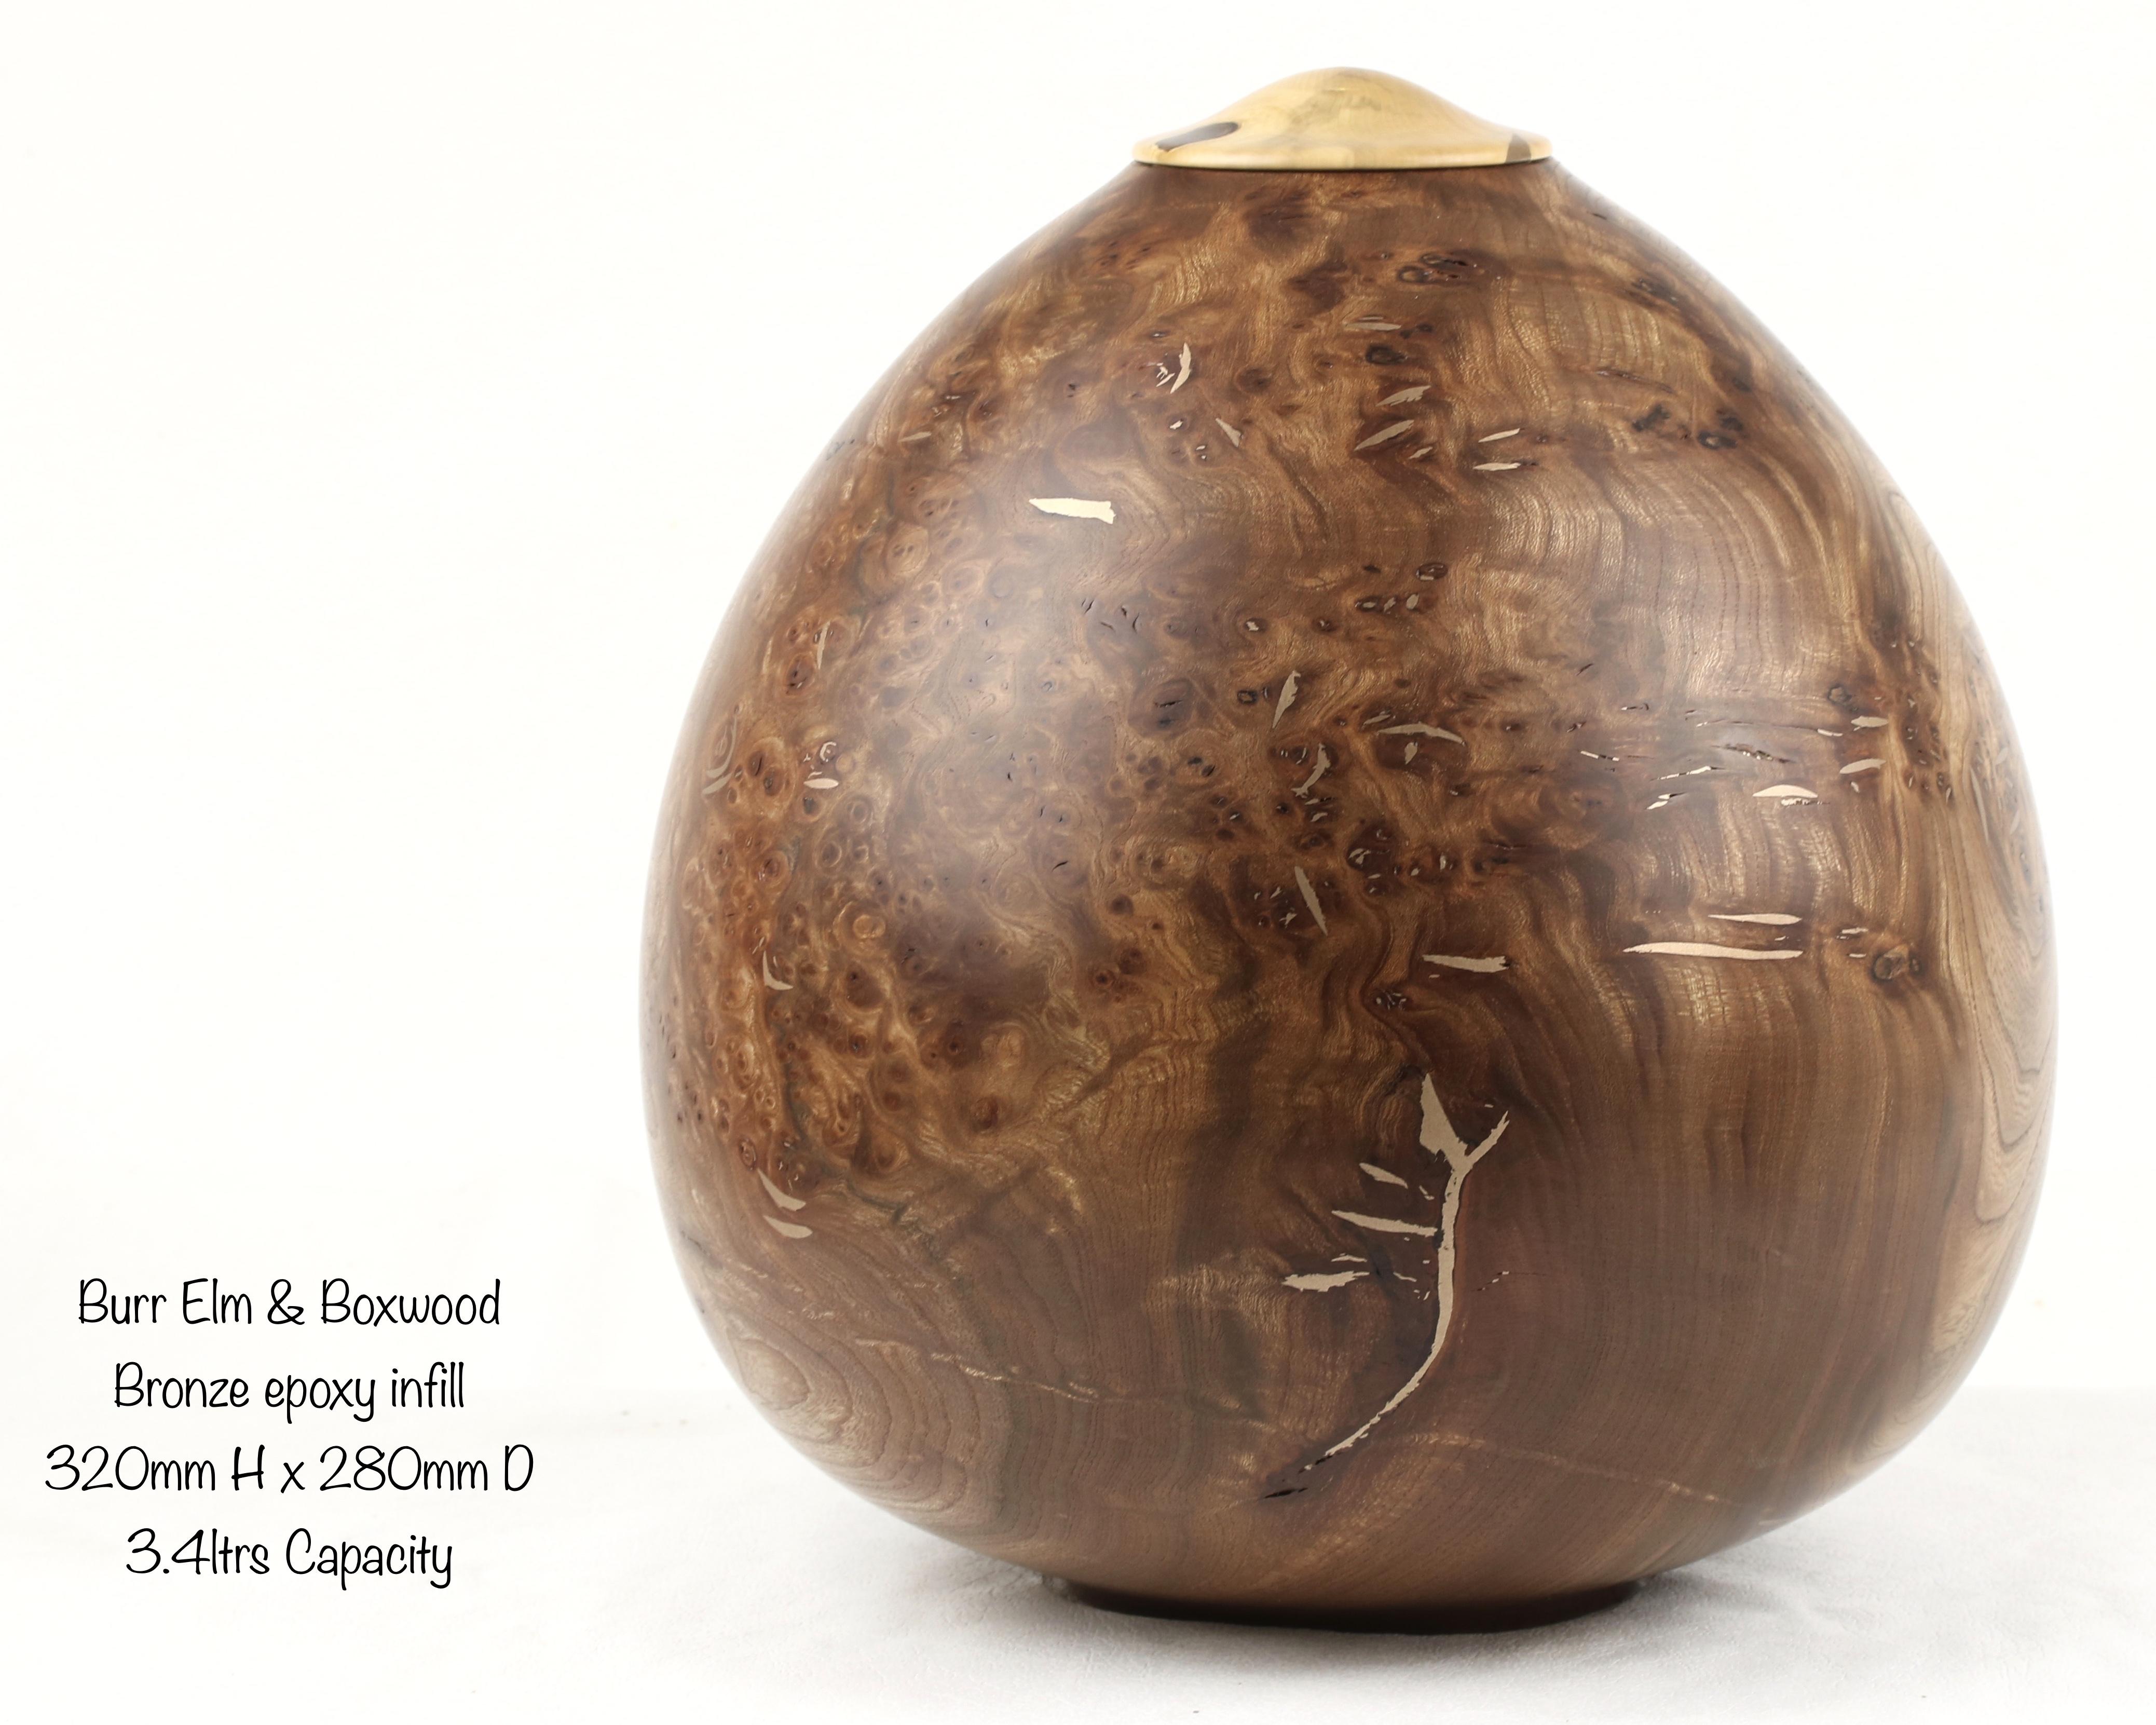 Burr Elm & Boxwood with Bronze Epoxy